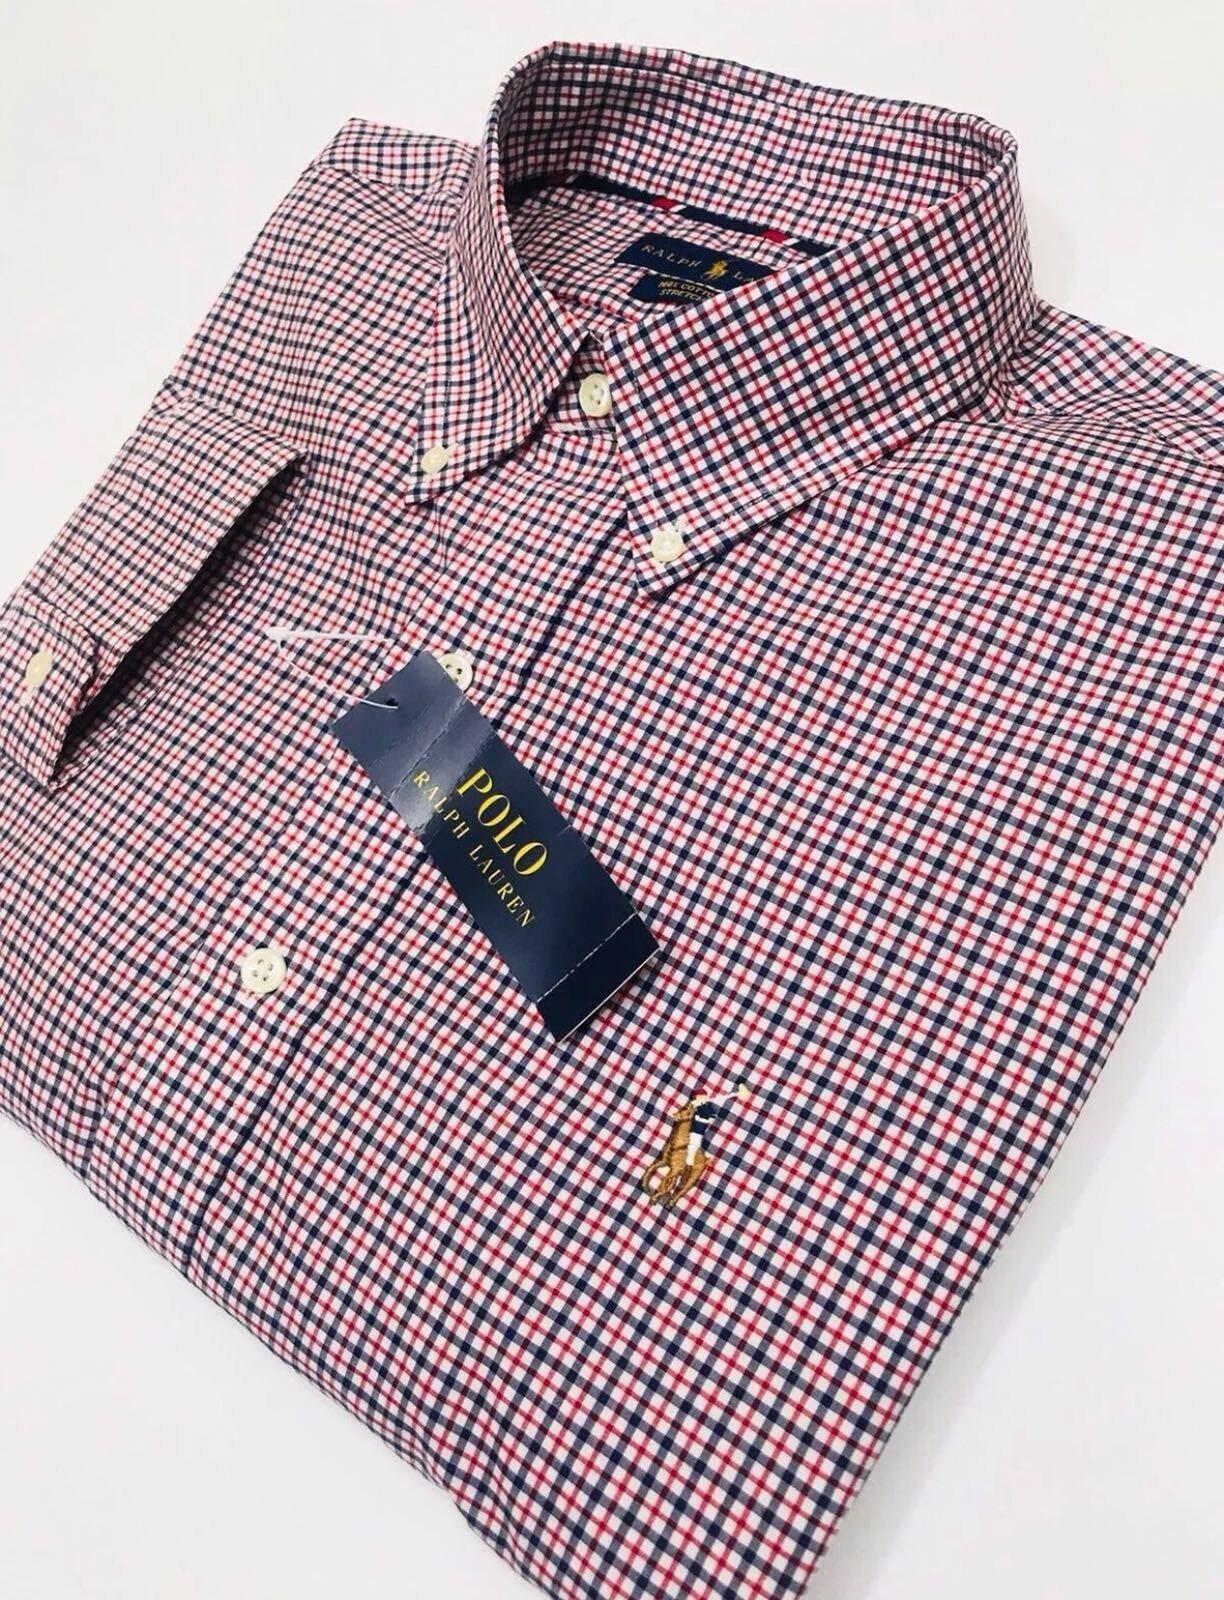 Ralph Lauren Men's Slim Fit Casual Shirt     RRP